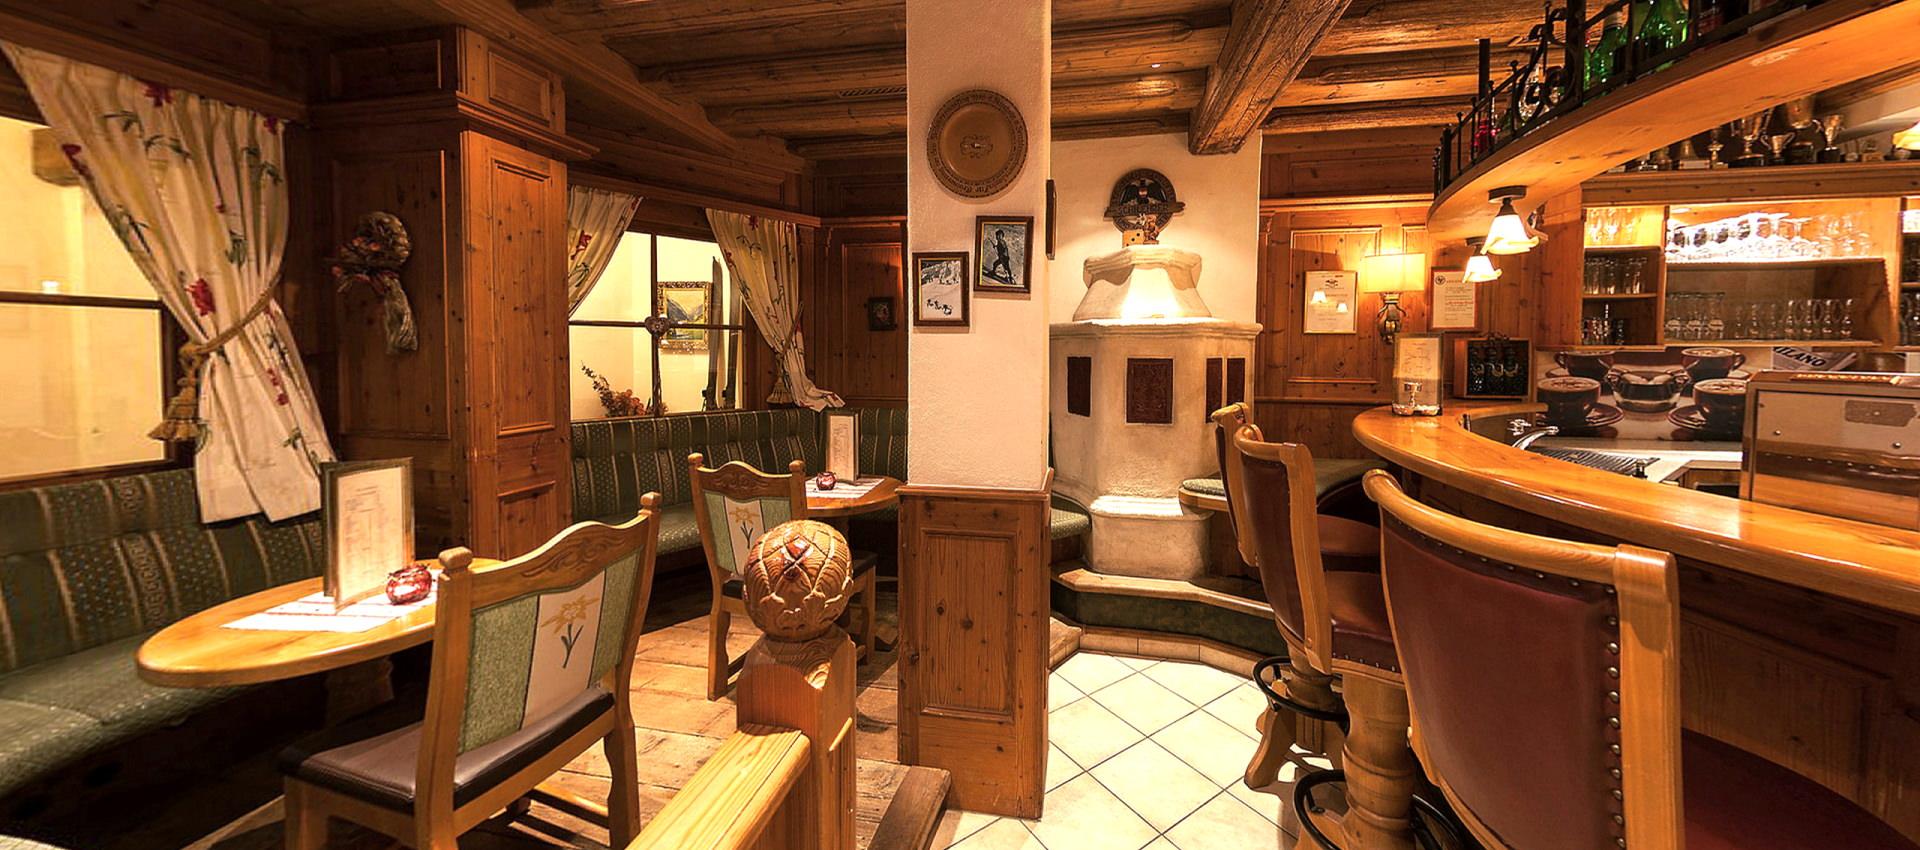 Unser Barbereich im Alpenhotel Tirolerhof**** Neustift